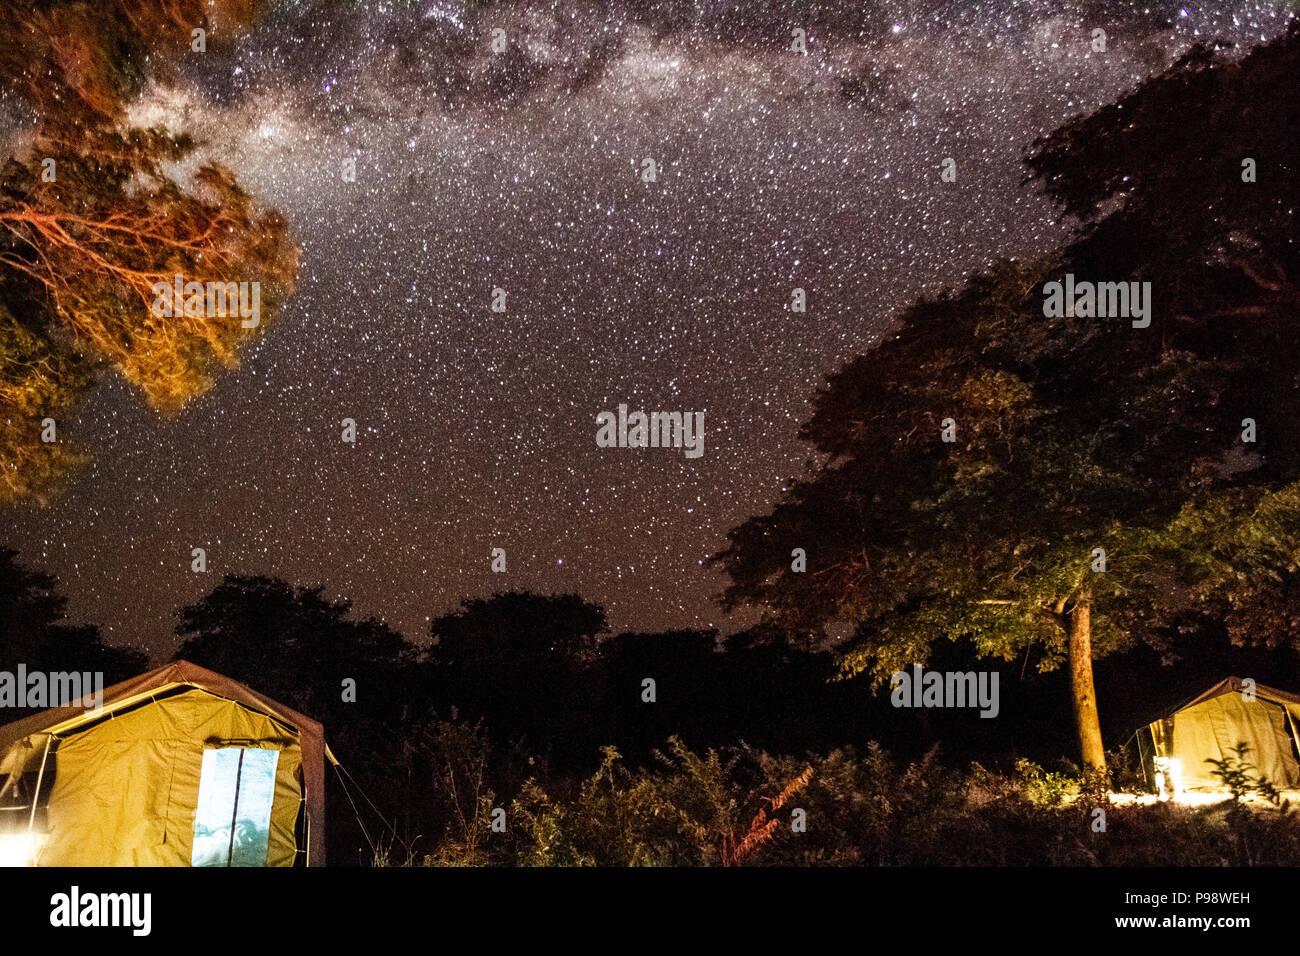 Night skies over Camp 9, Chobe National Park, Botswana - Stock Image